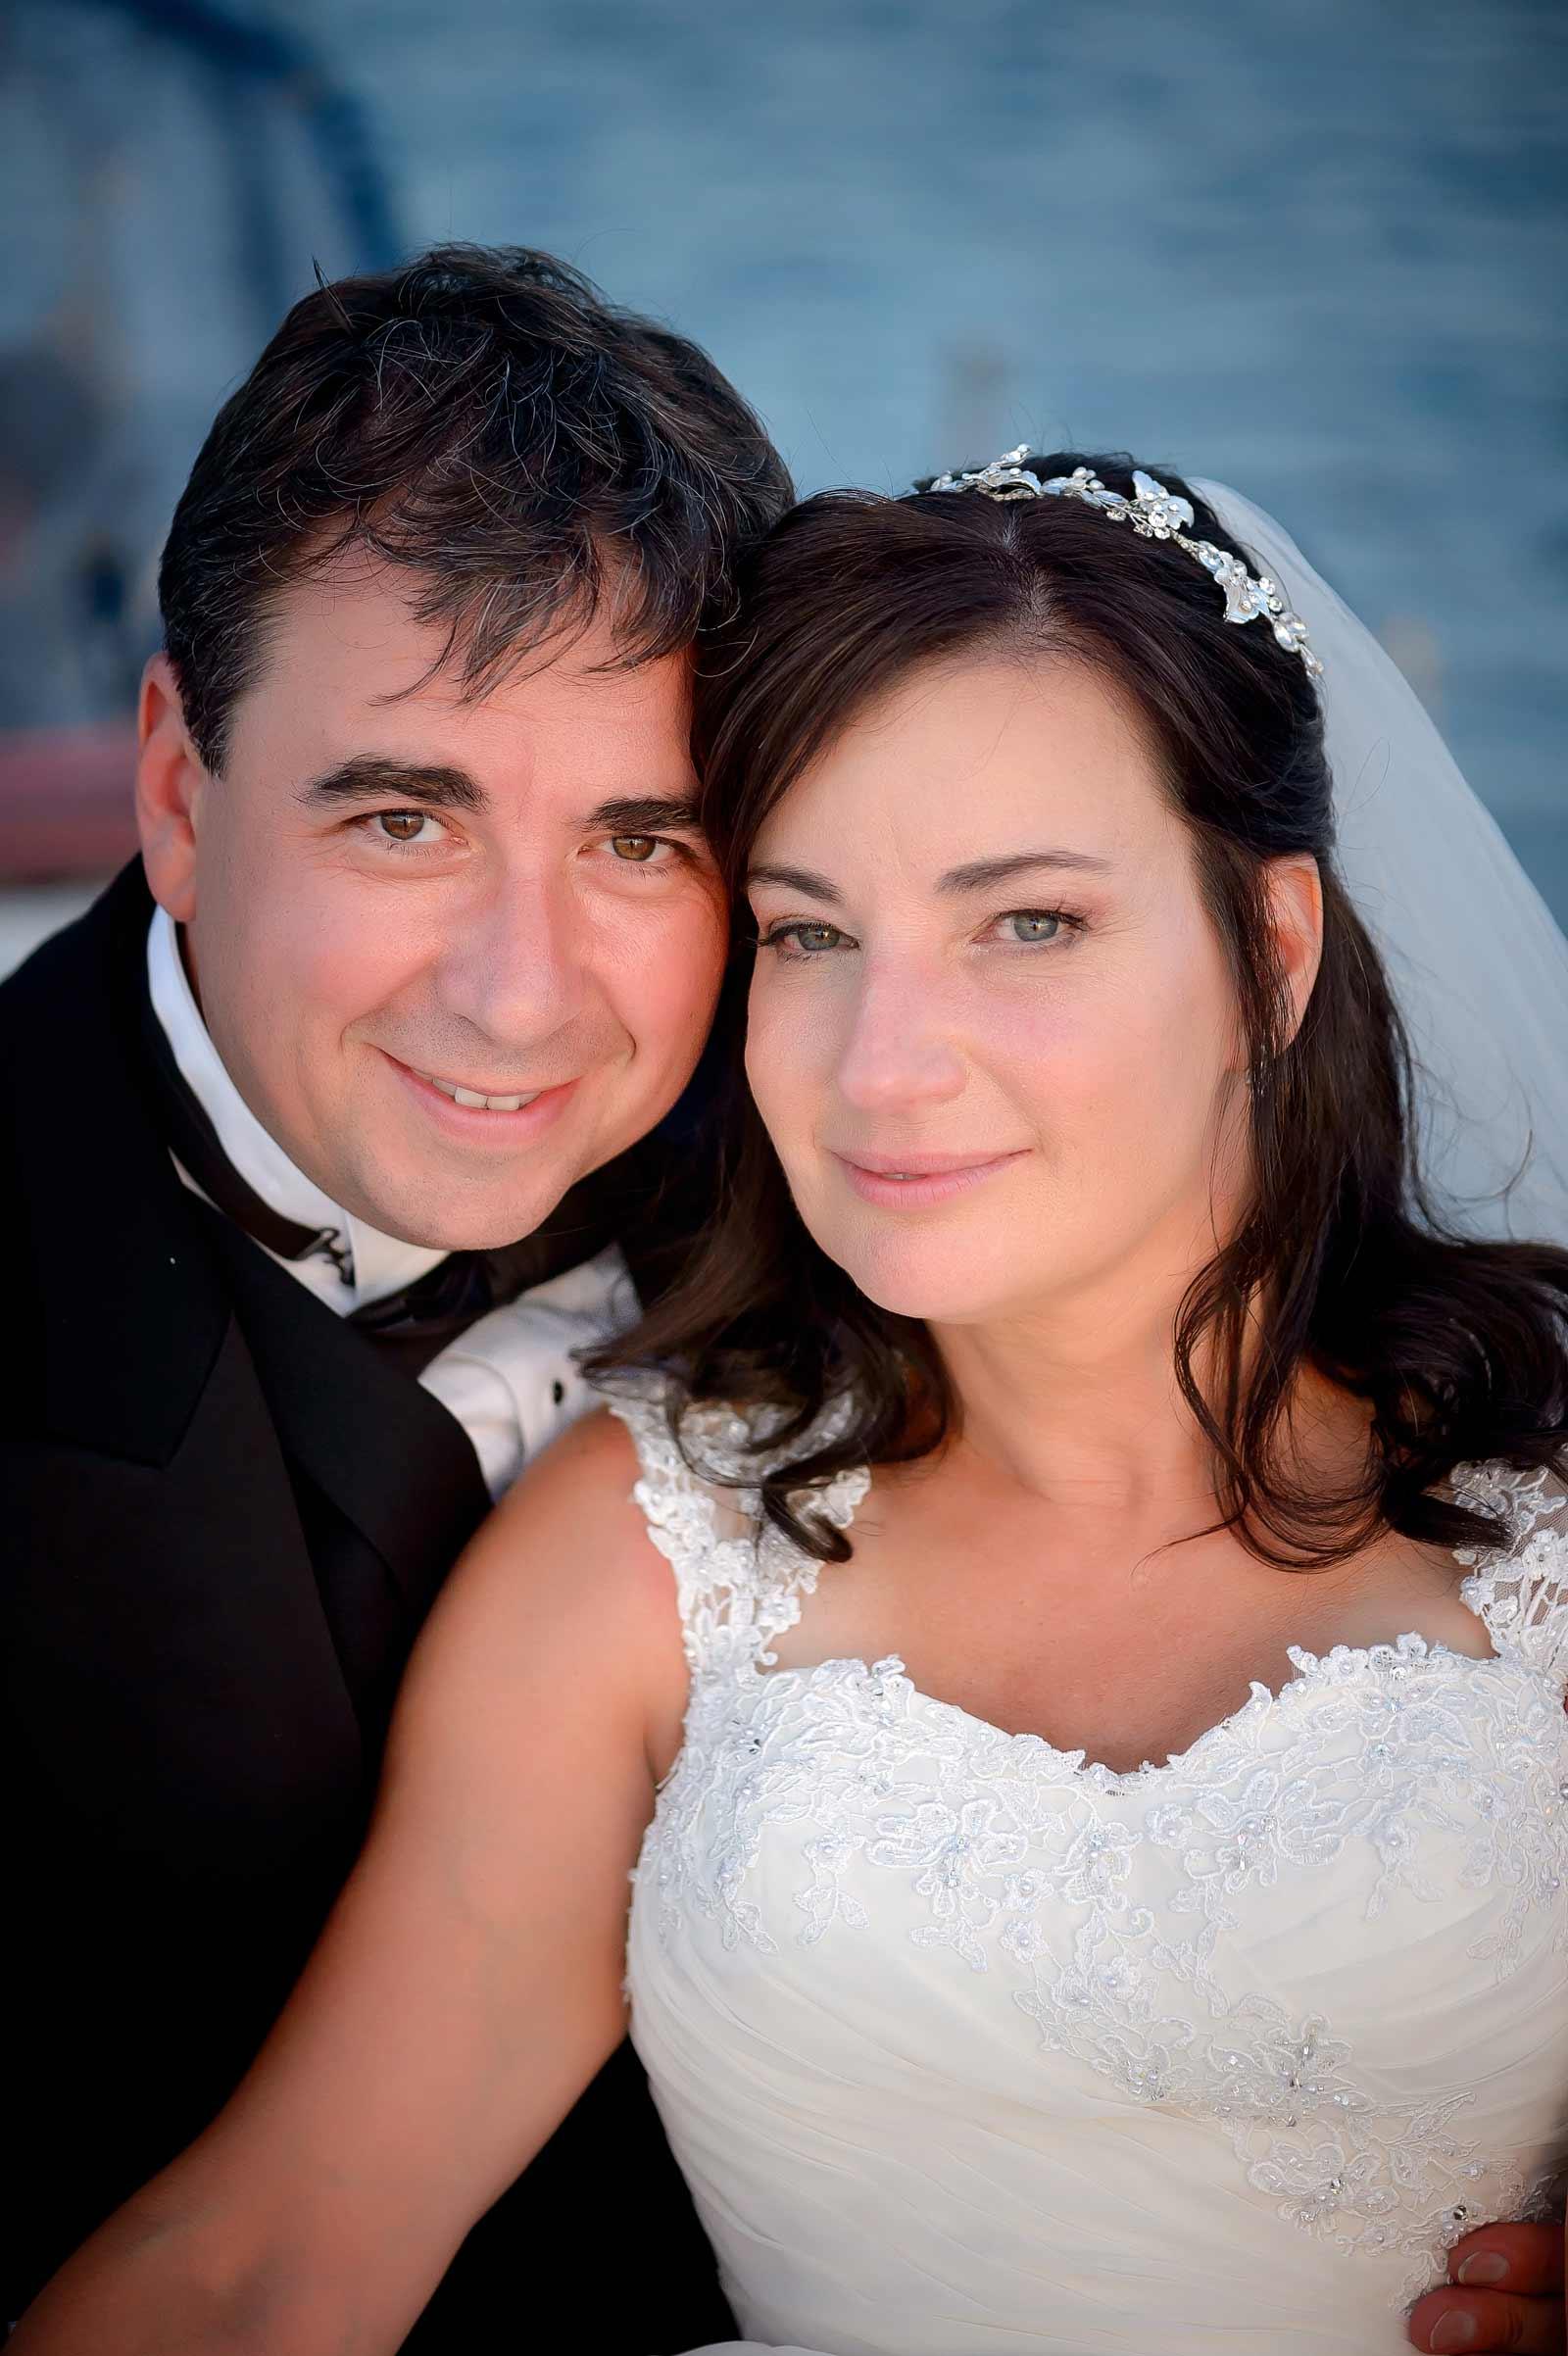 kathy-peter-wedding-sneakpeek-012